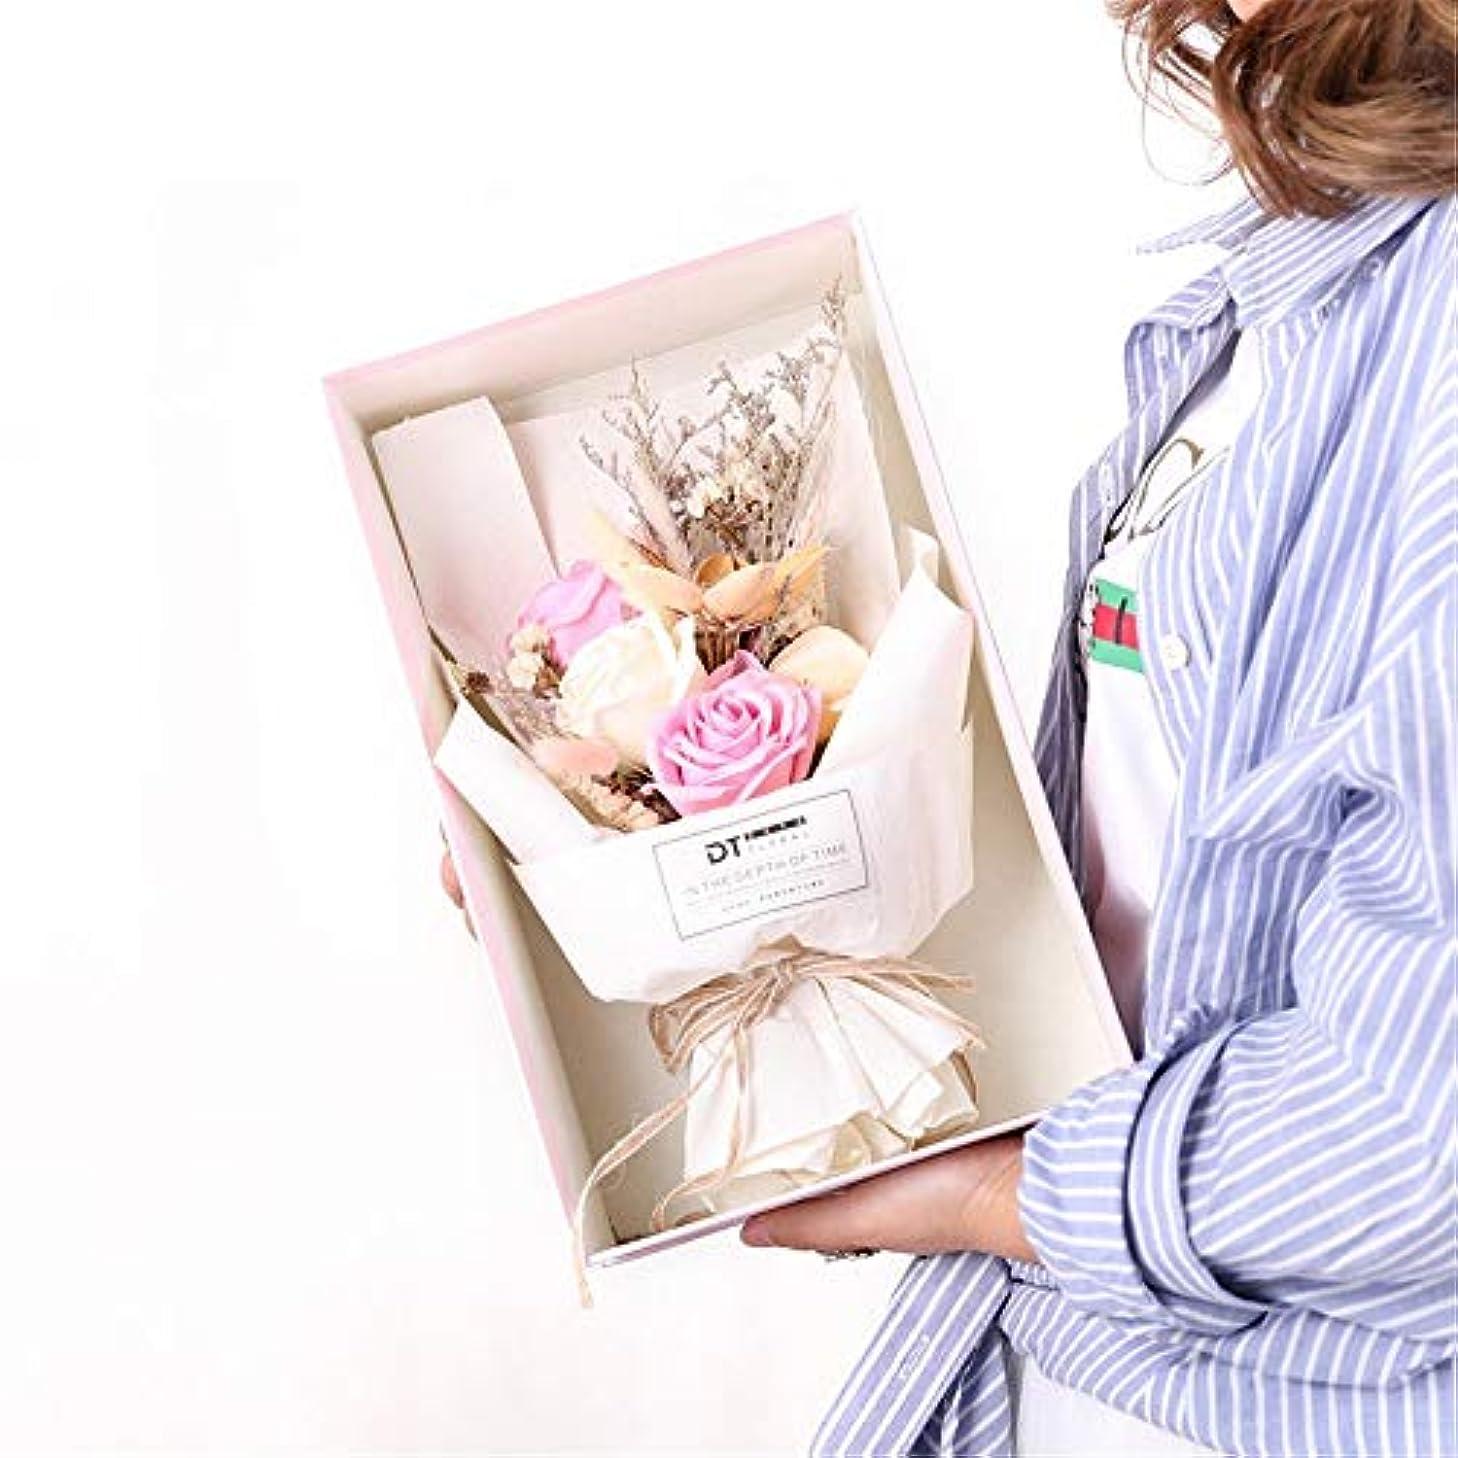 違うなだめるシェーバー手作りのバラ石鹸フラワーブーケのギフトボックス、女性のためのギフトバレンタインデー、母の日、結婚式、クリスマス、誕生日を愛した女の子 (色 : ピンク)